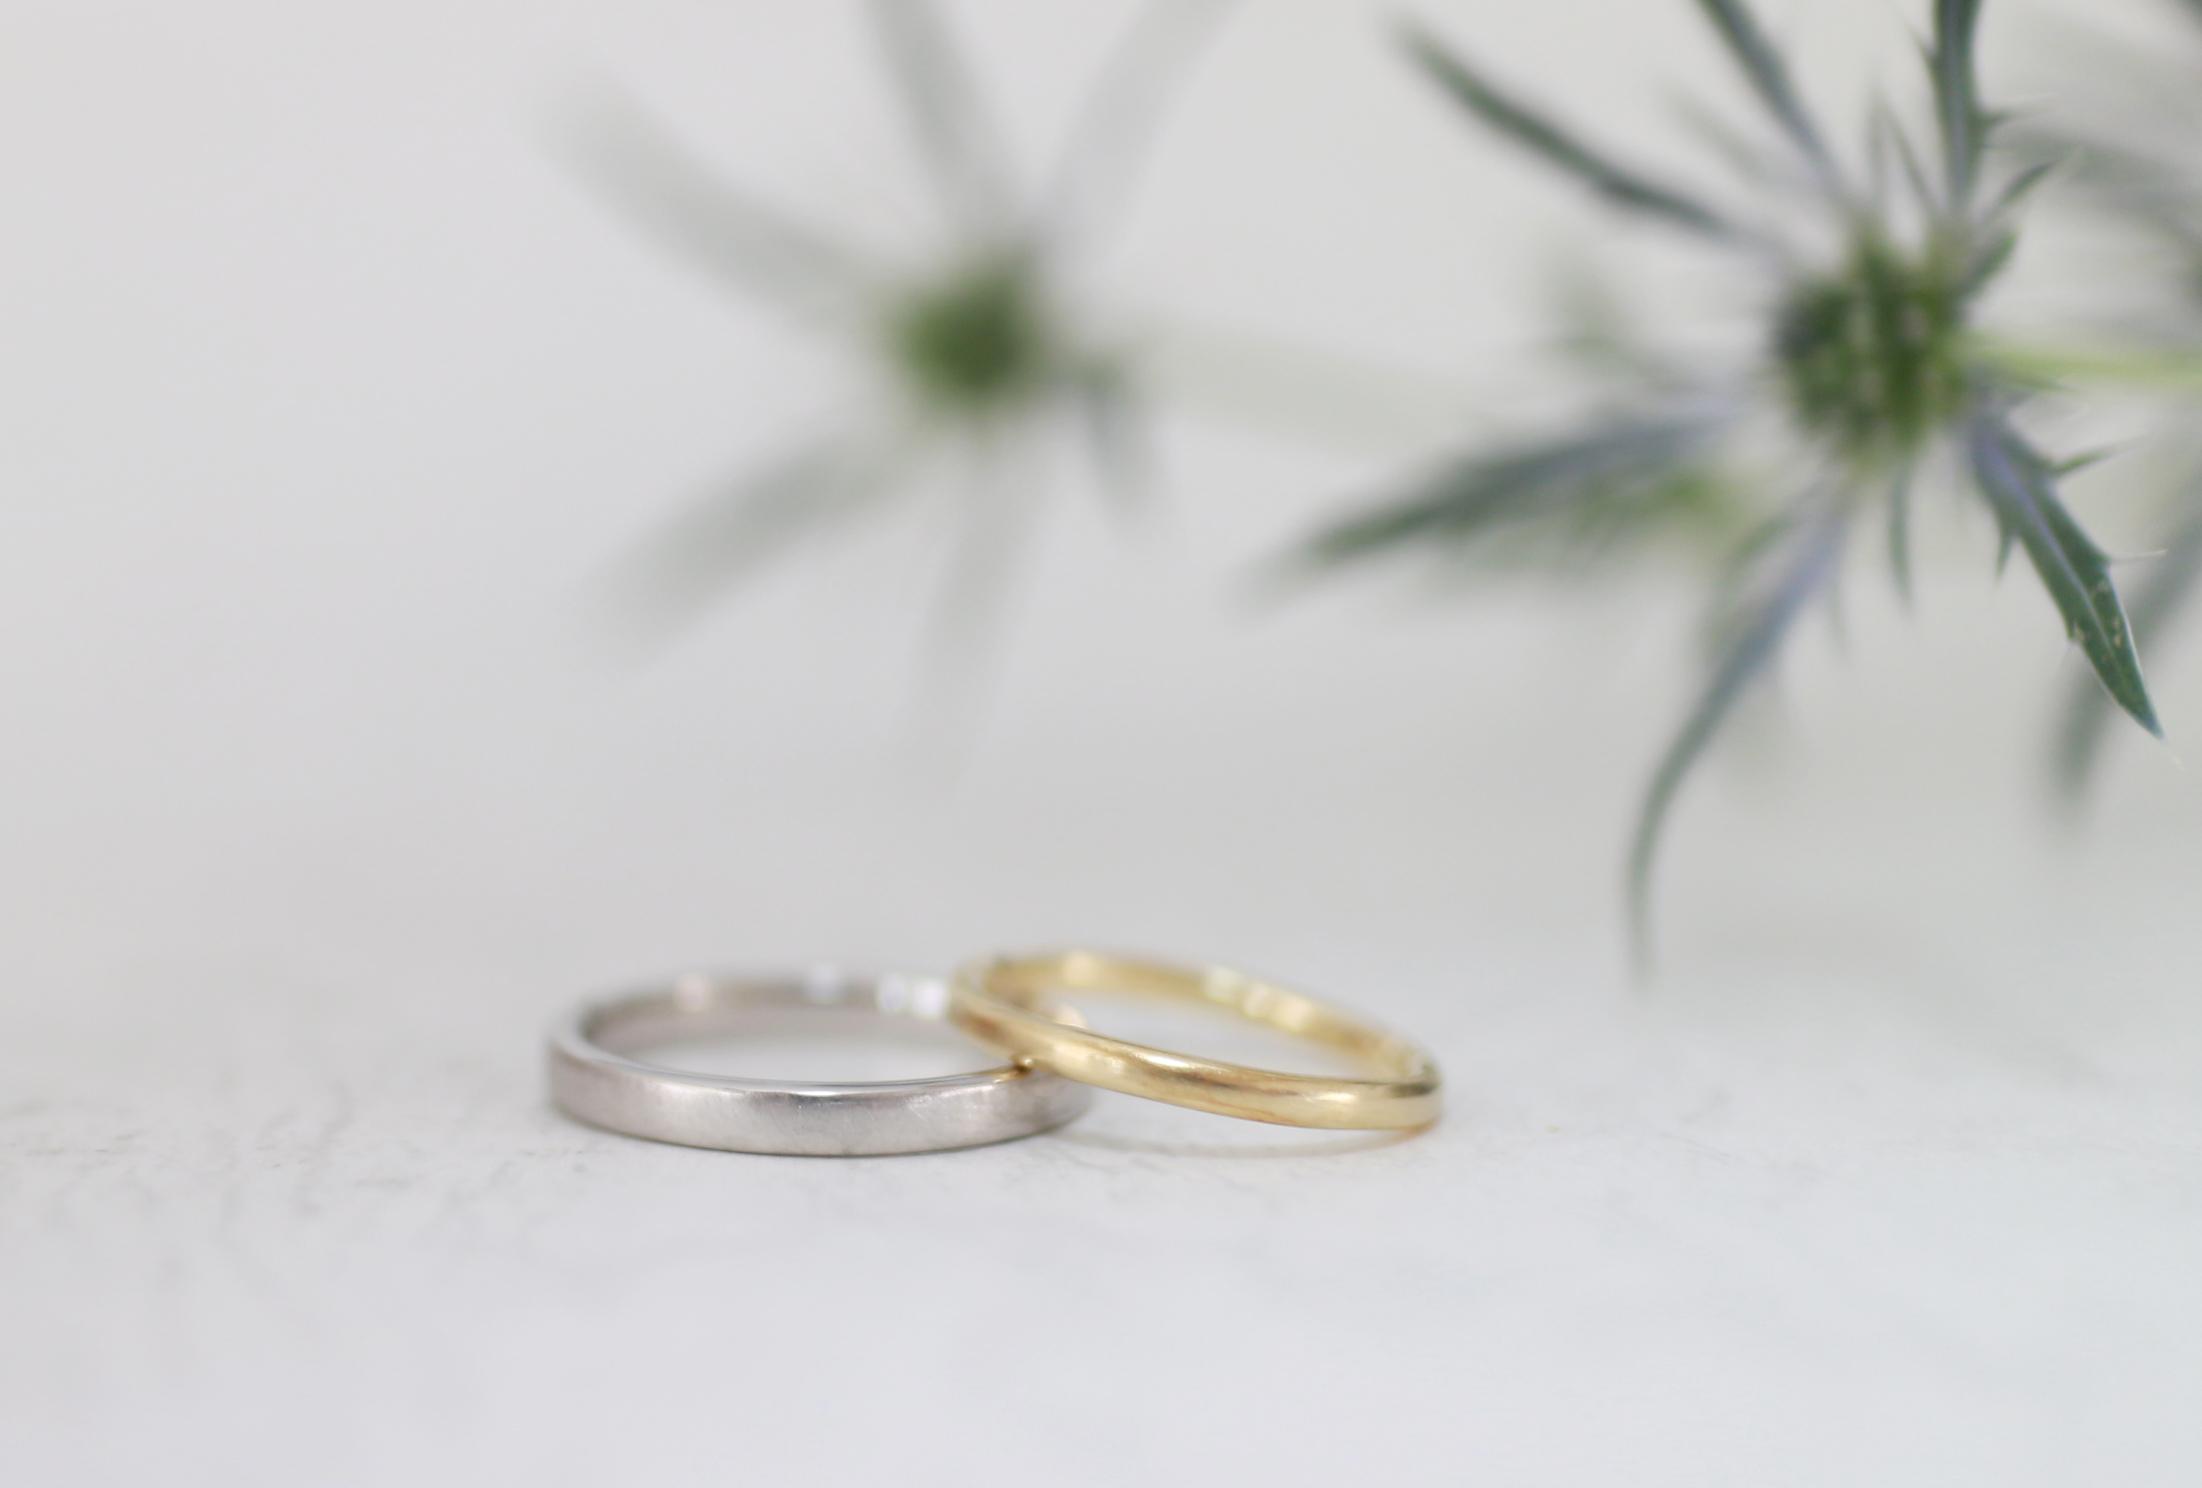 やさしいつや消しの手作り結婚指輪